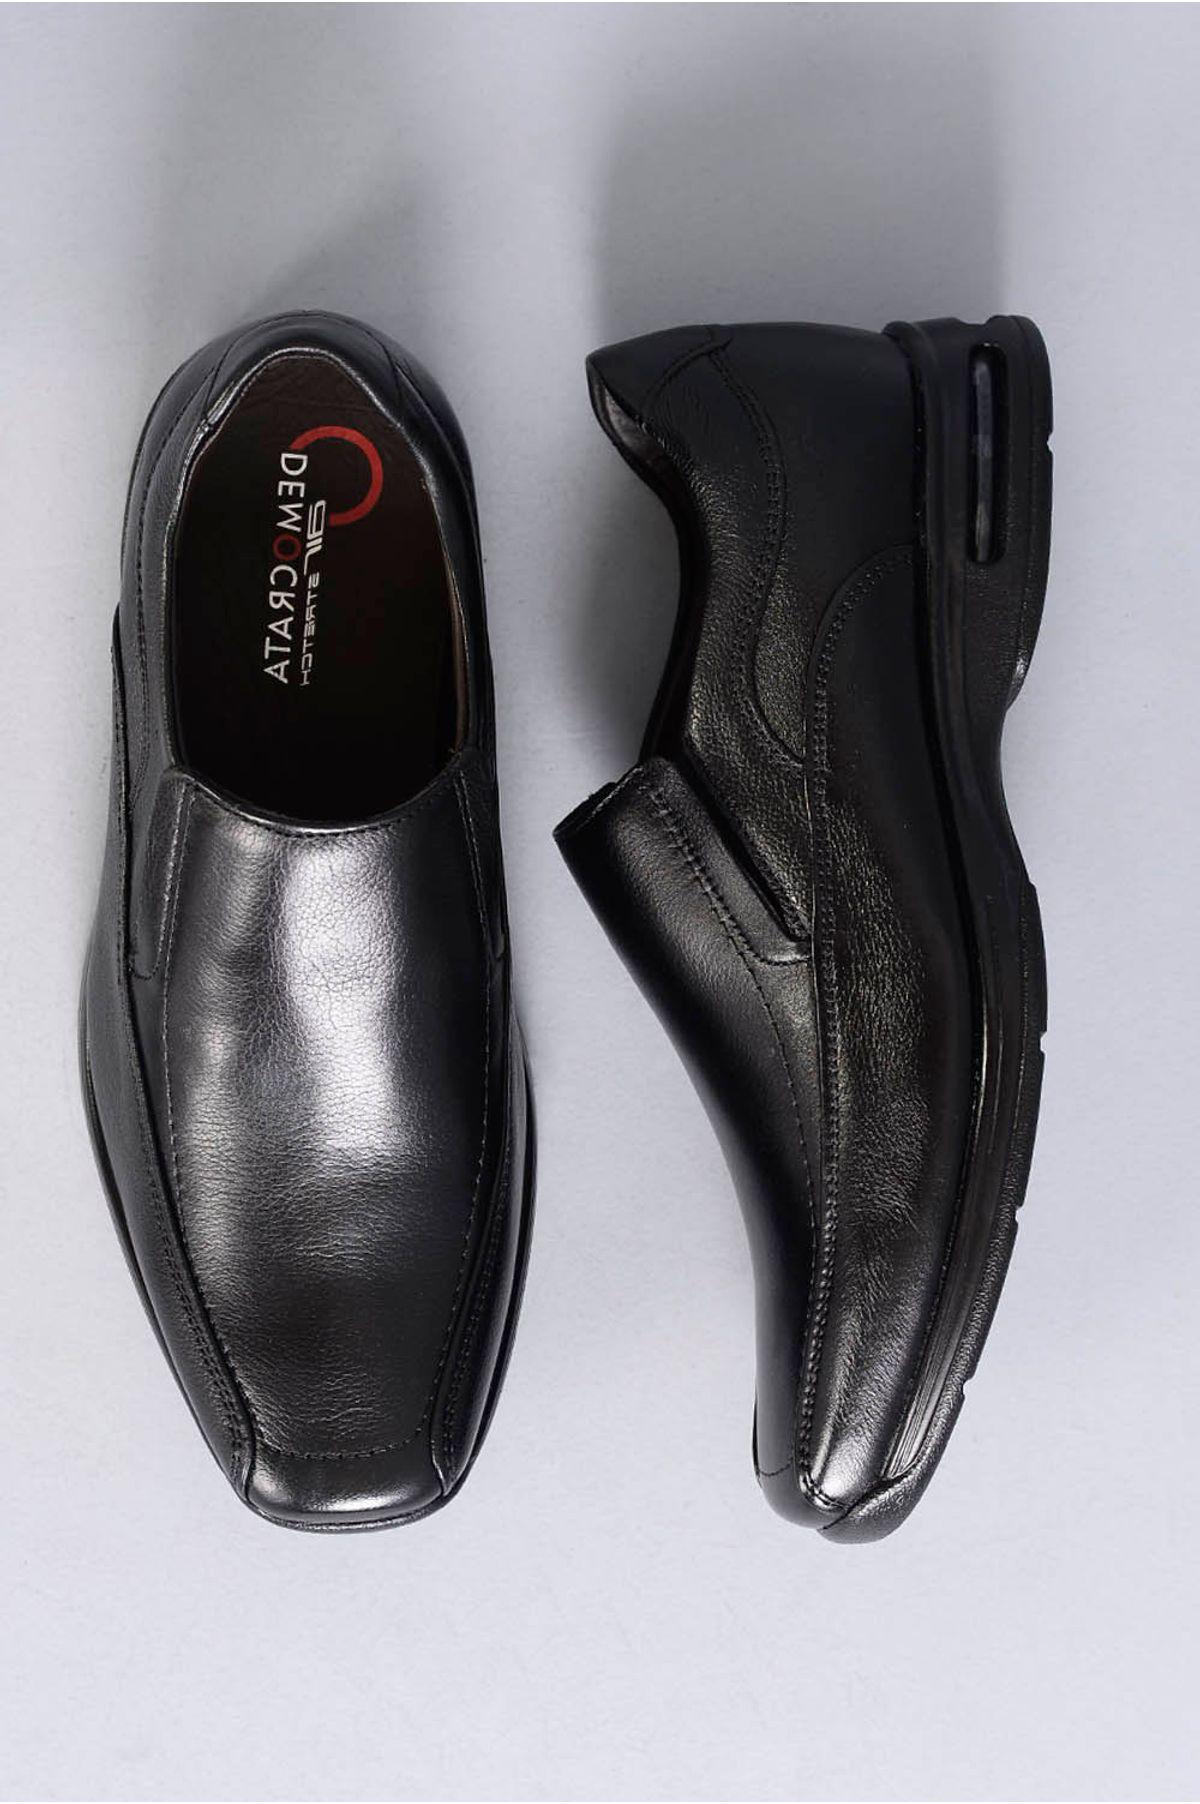 539d3242558 Sapato Masculino Democrata Air Spot